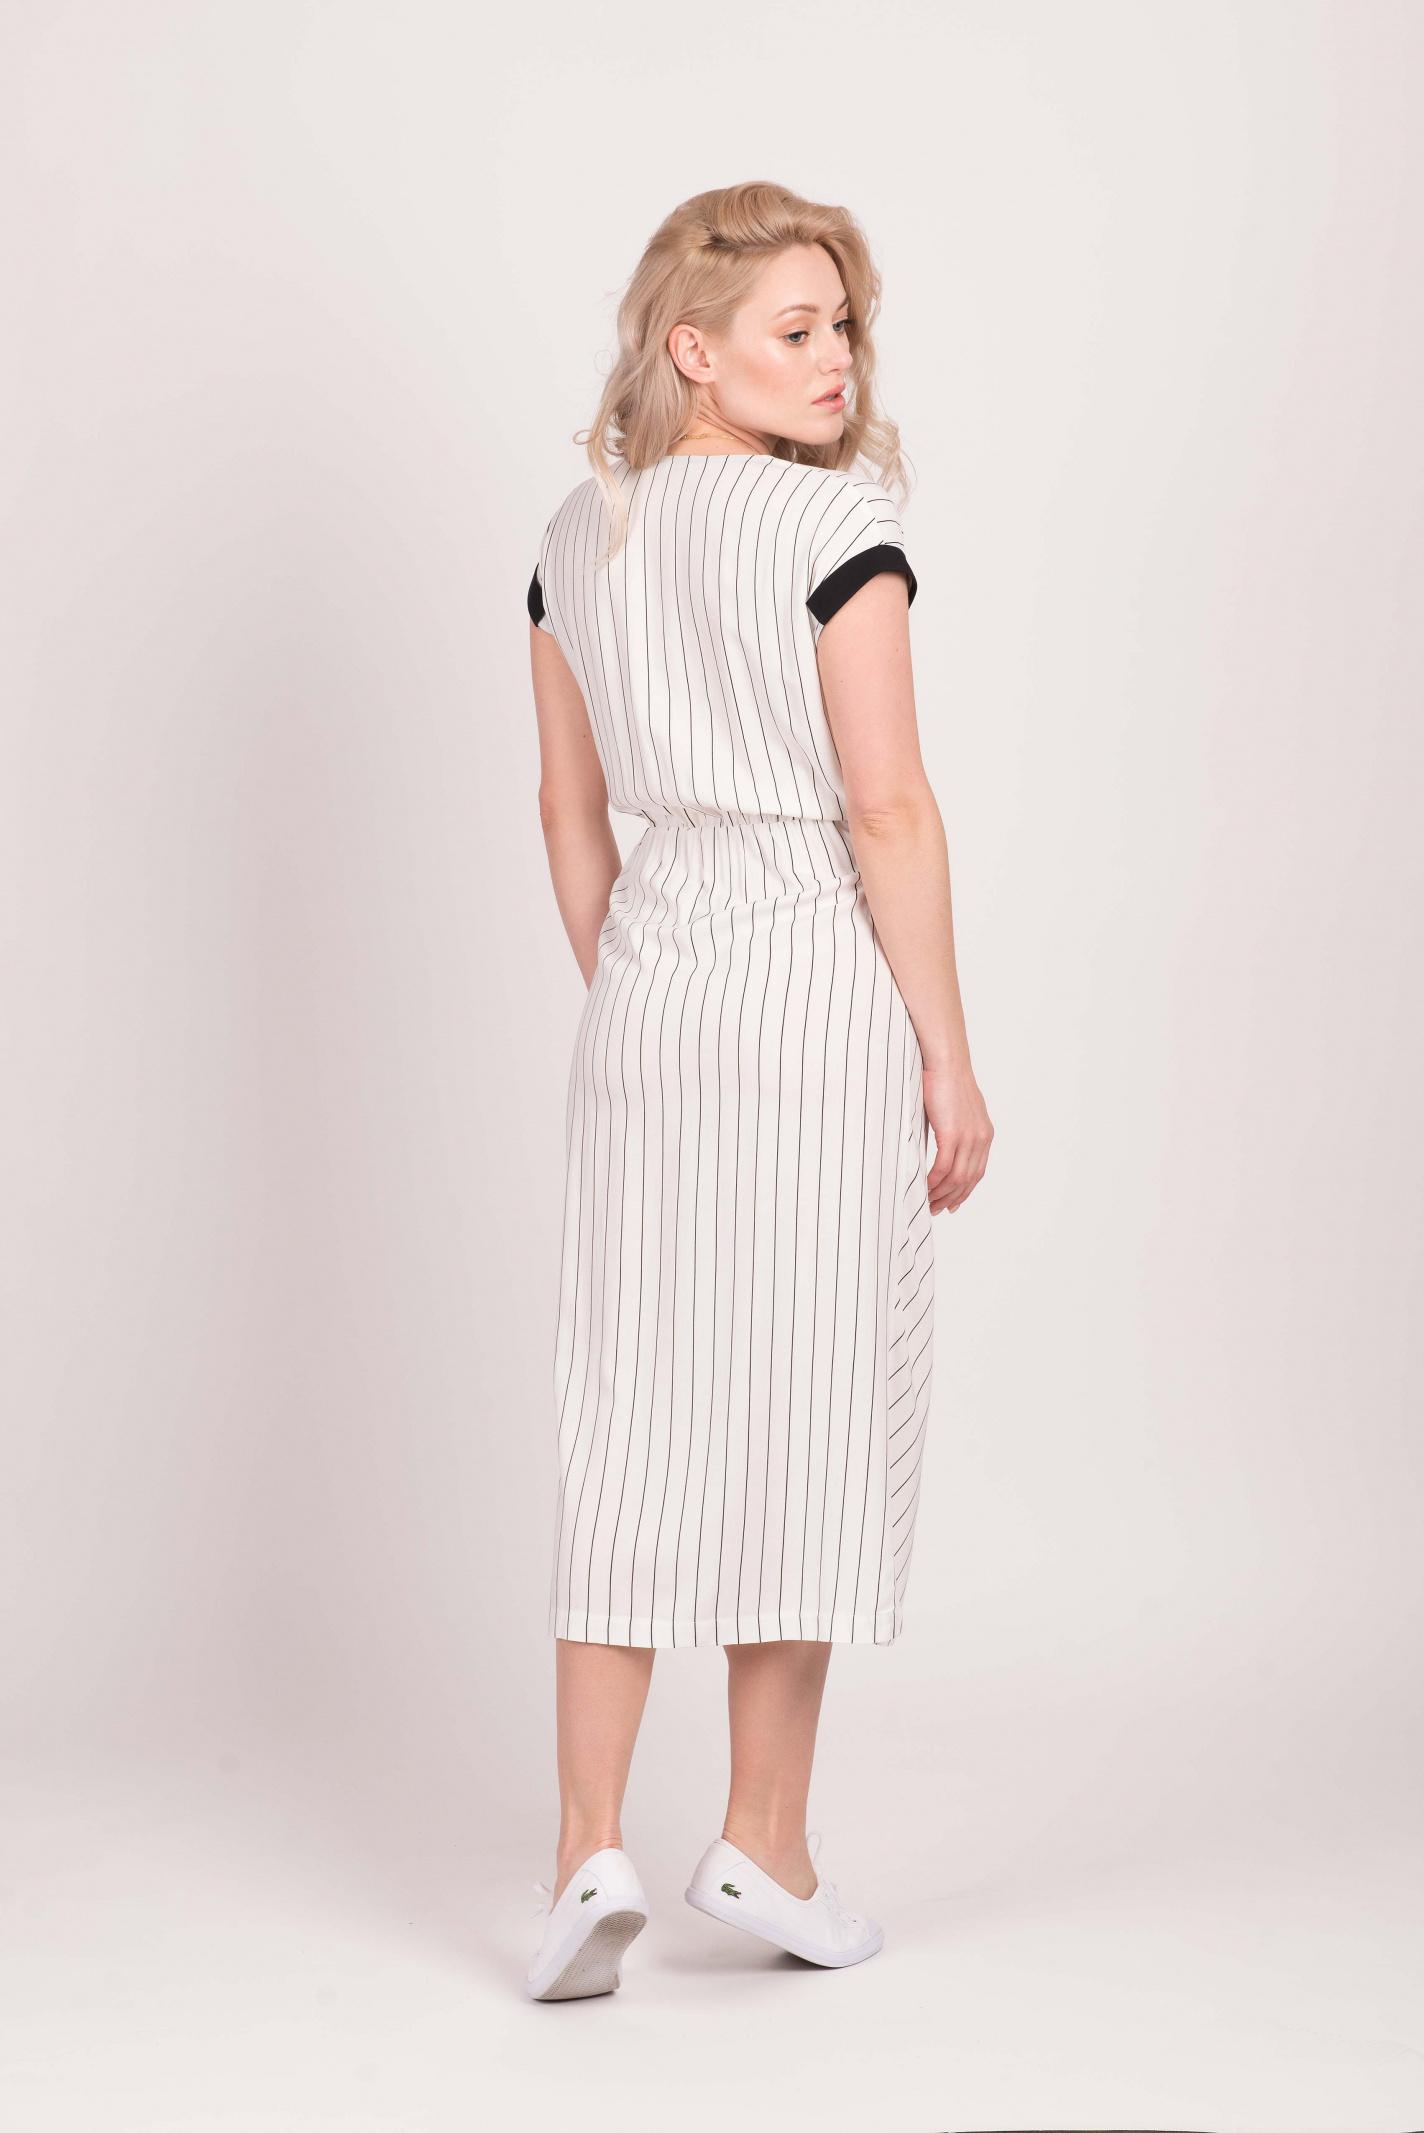 ANDRE TAN Сукня жіночі модель 30083 придбати, 2017